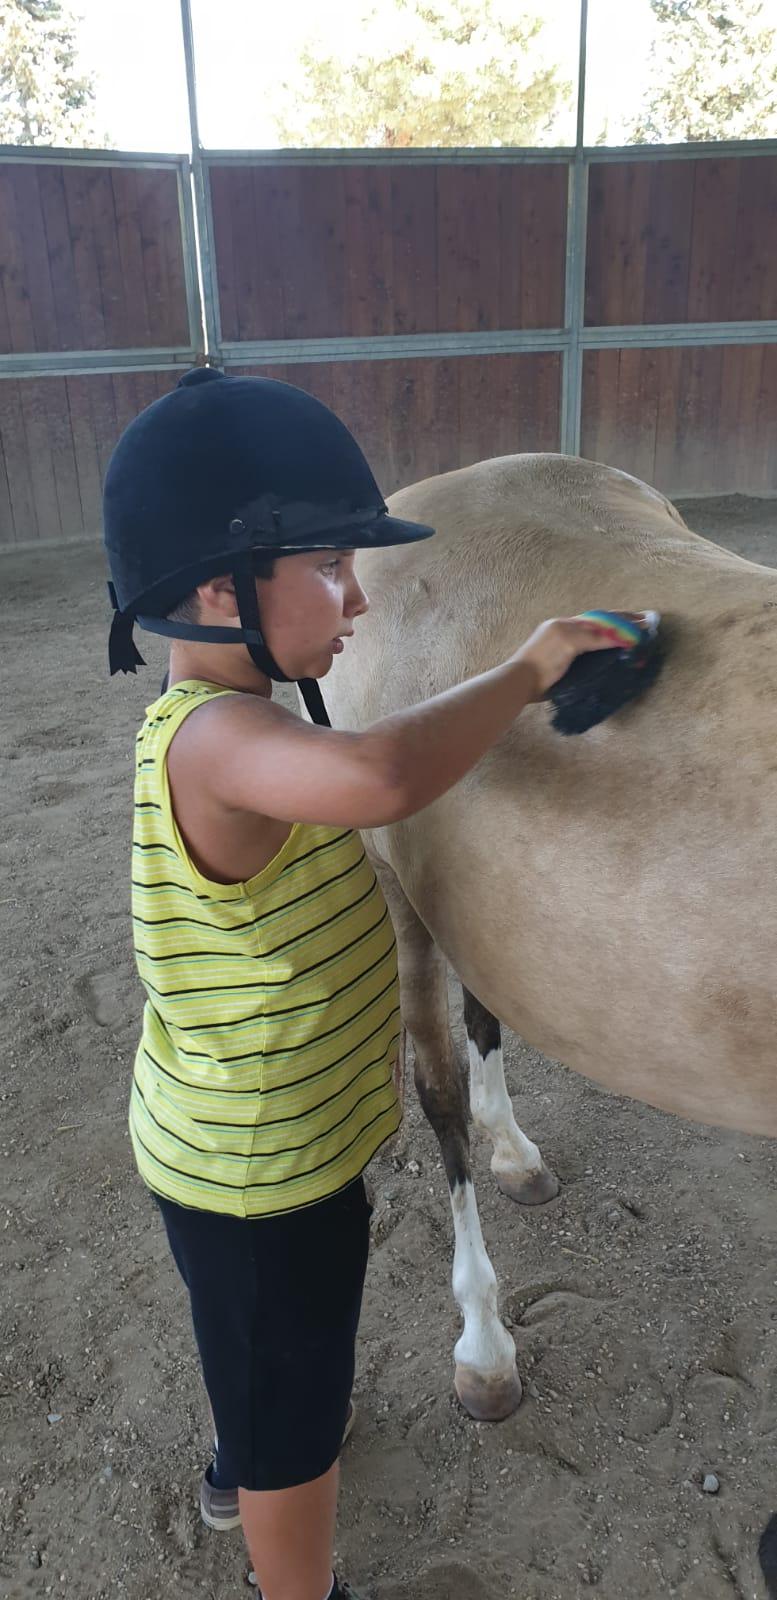 IAA – Interventi assistiti con gli animali